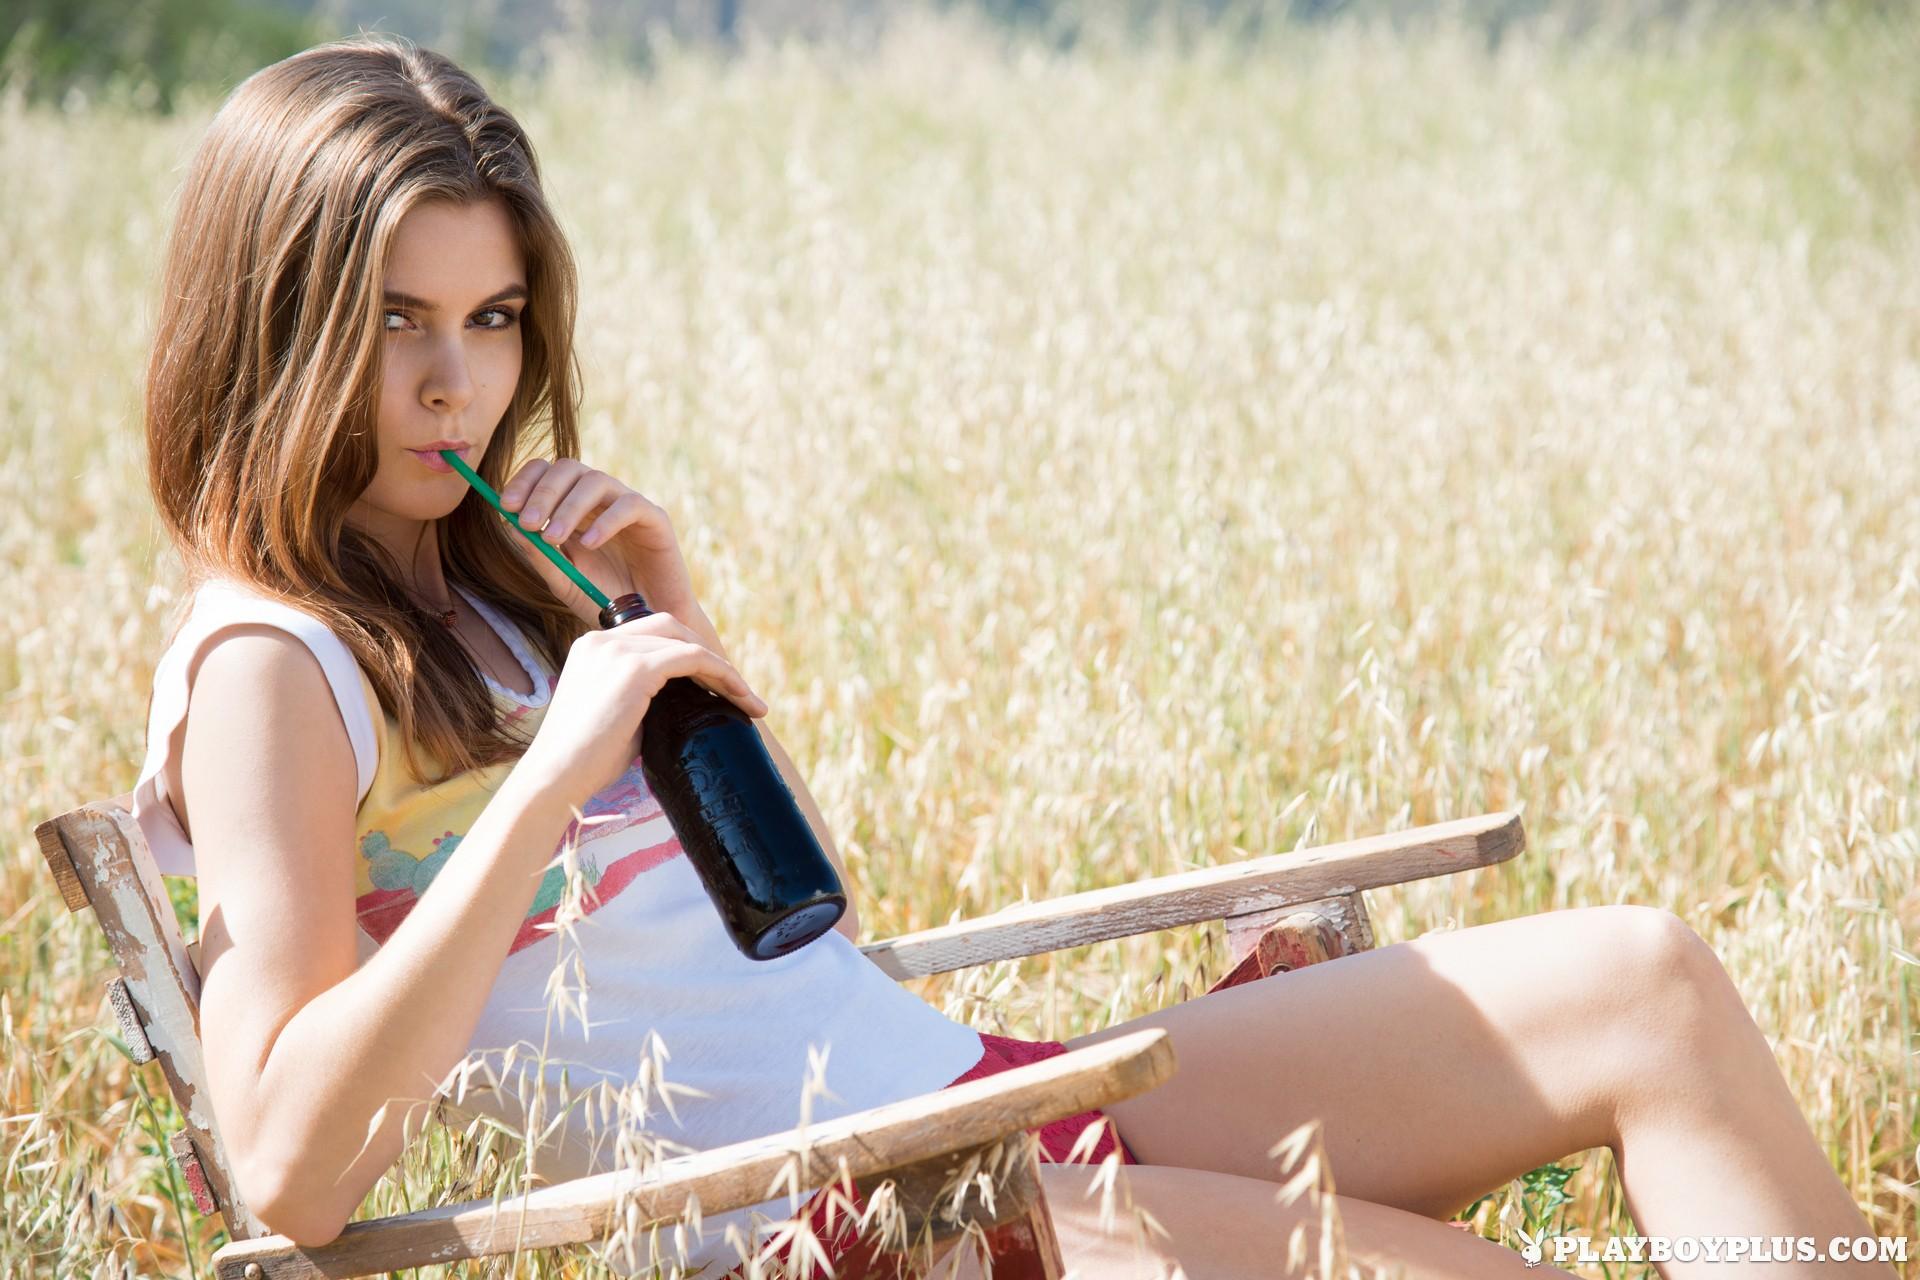 Amberleigh West, women, brunette, Playboy, outdoors, knee